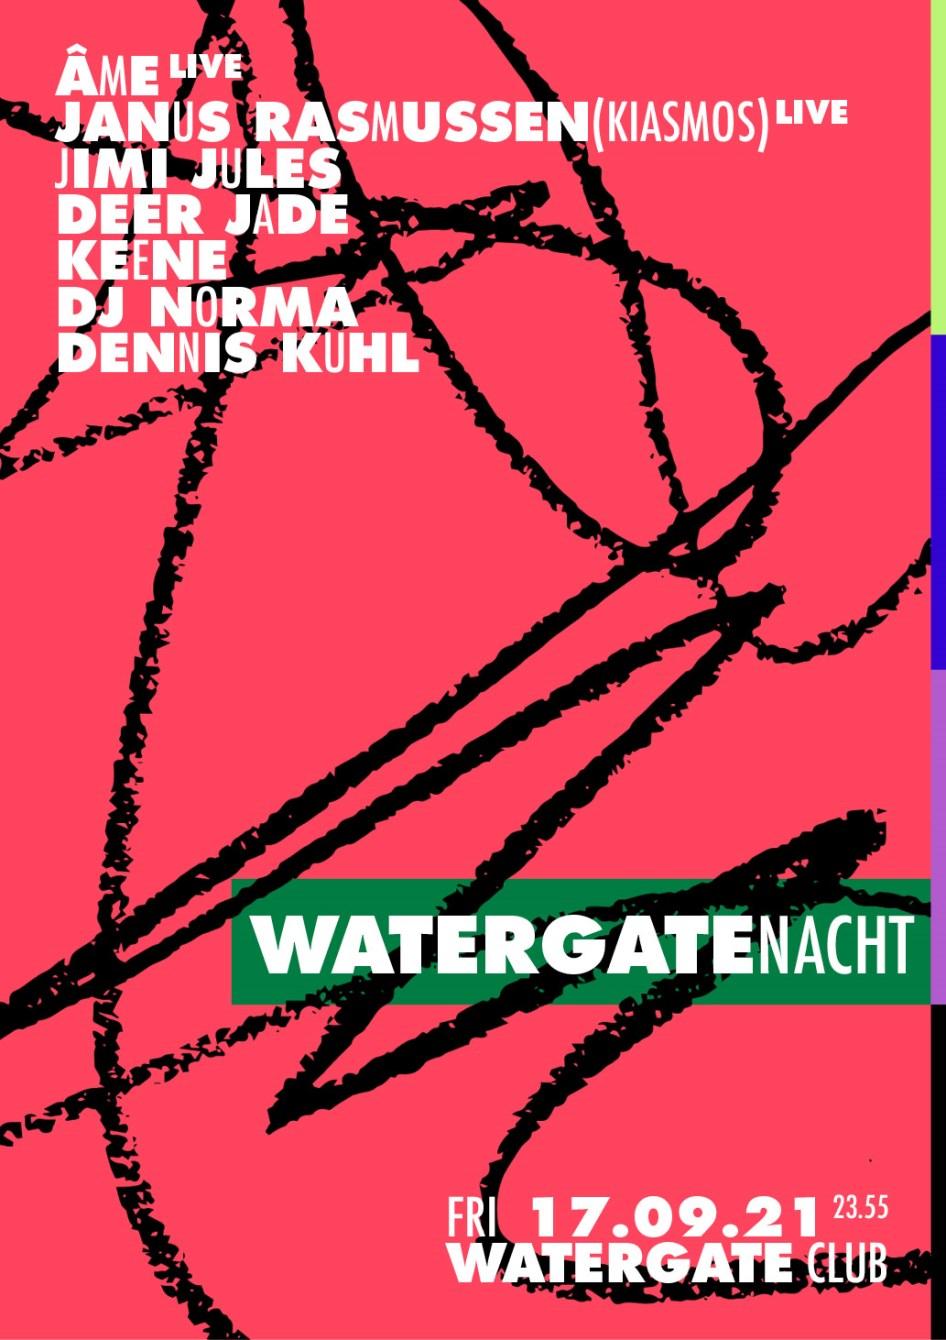 Watergate Nacht: Âme Live, Janus Rasmussen (Kiasmos), Jimi Jules, Deer Jade - Flyer front